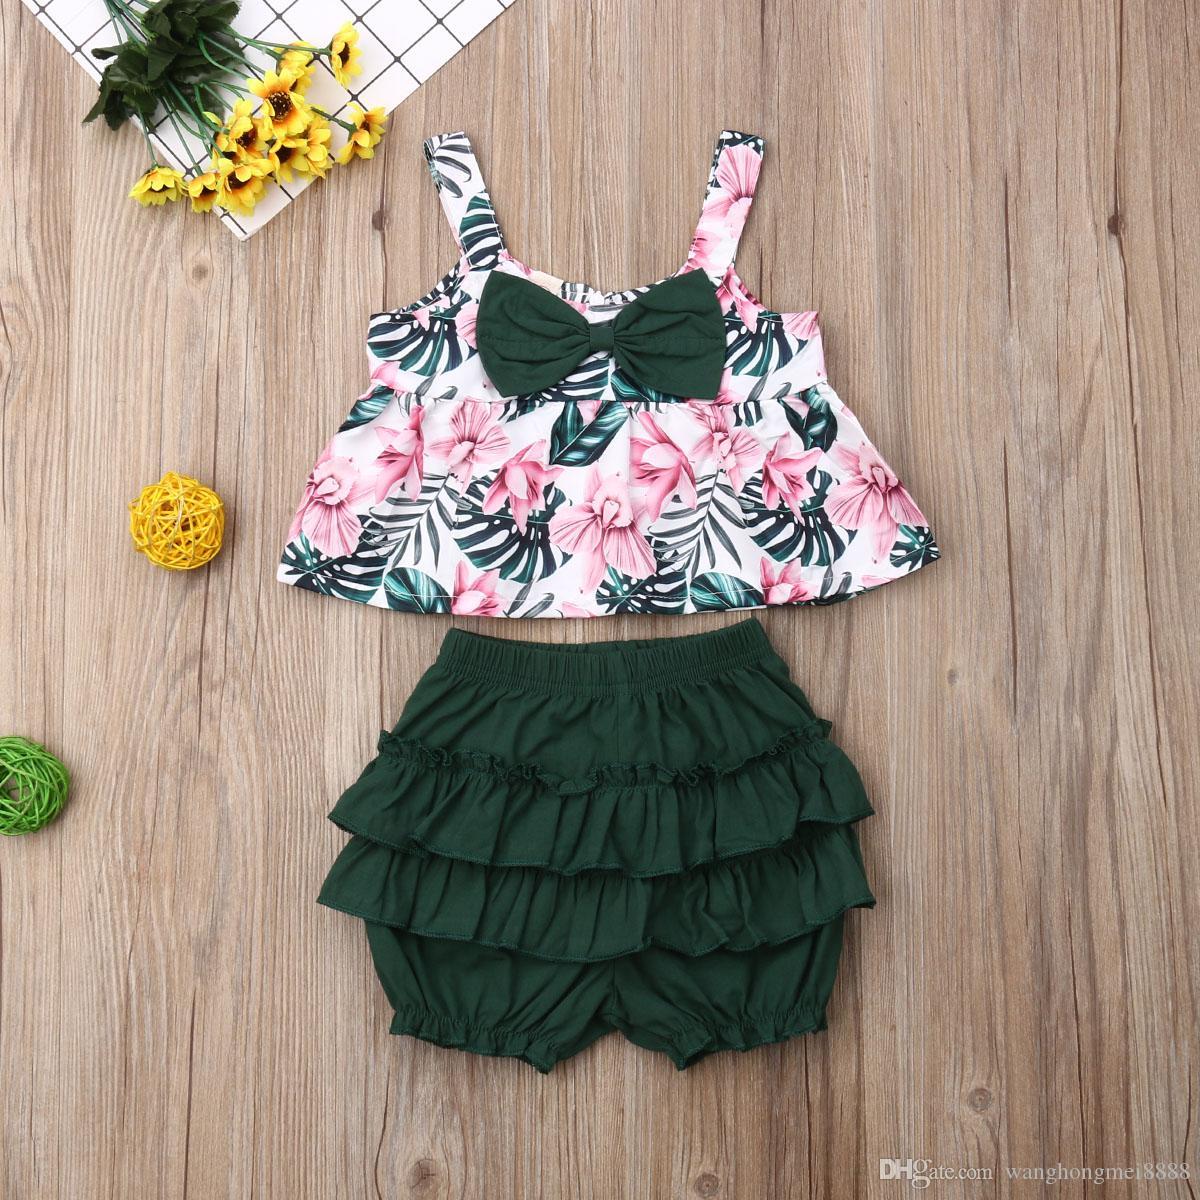 Симпатичные Детская одежда повседневная малыш дети девочка летняя одежда подтяжки лук цветочные печатные топы шорты 2 шт. наряды